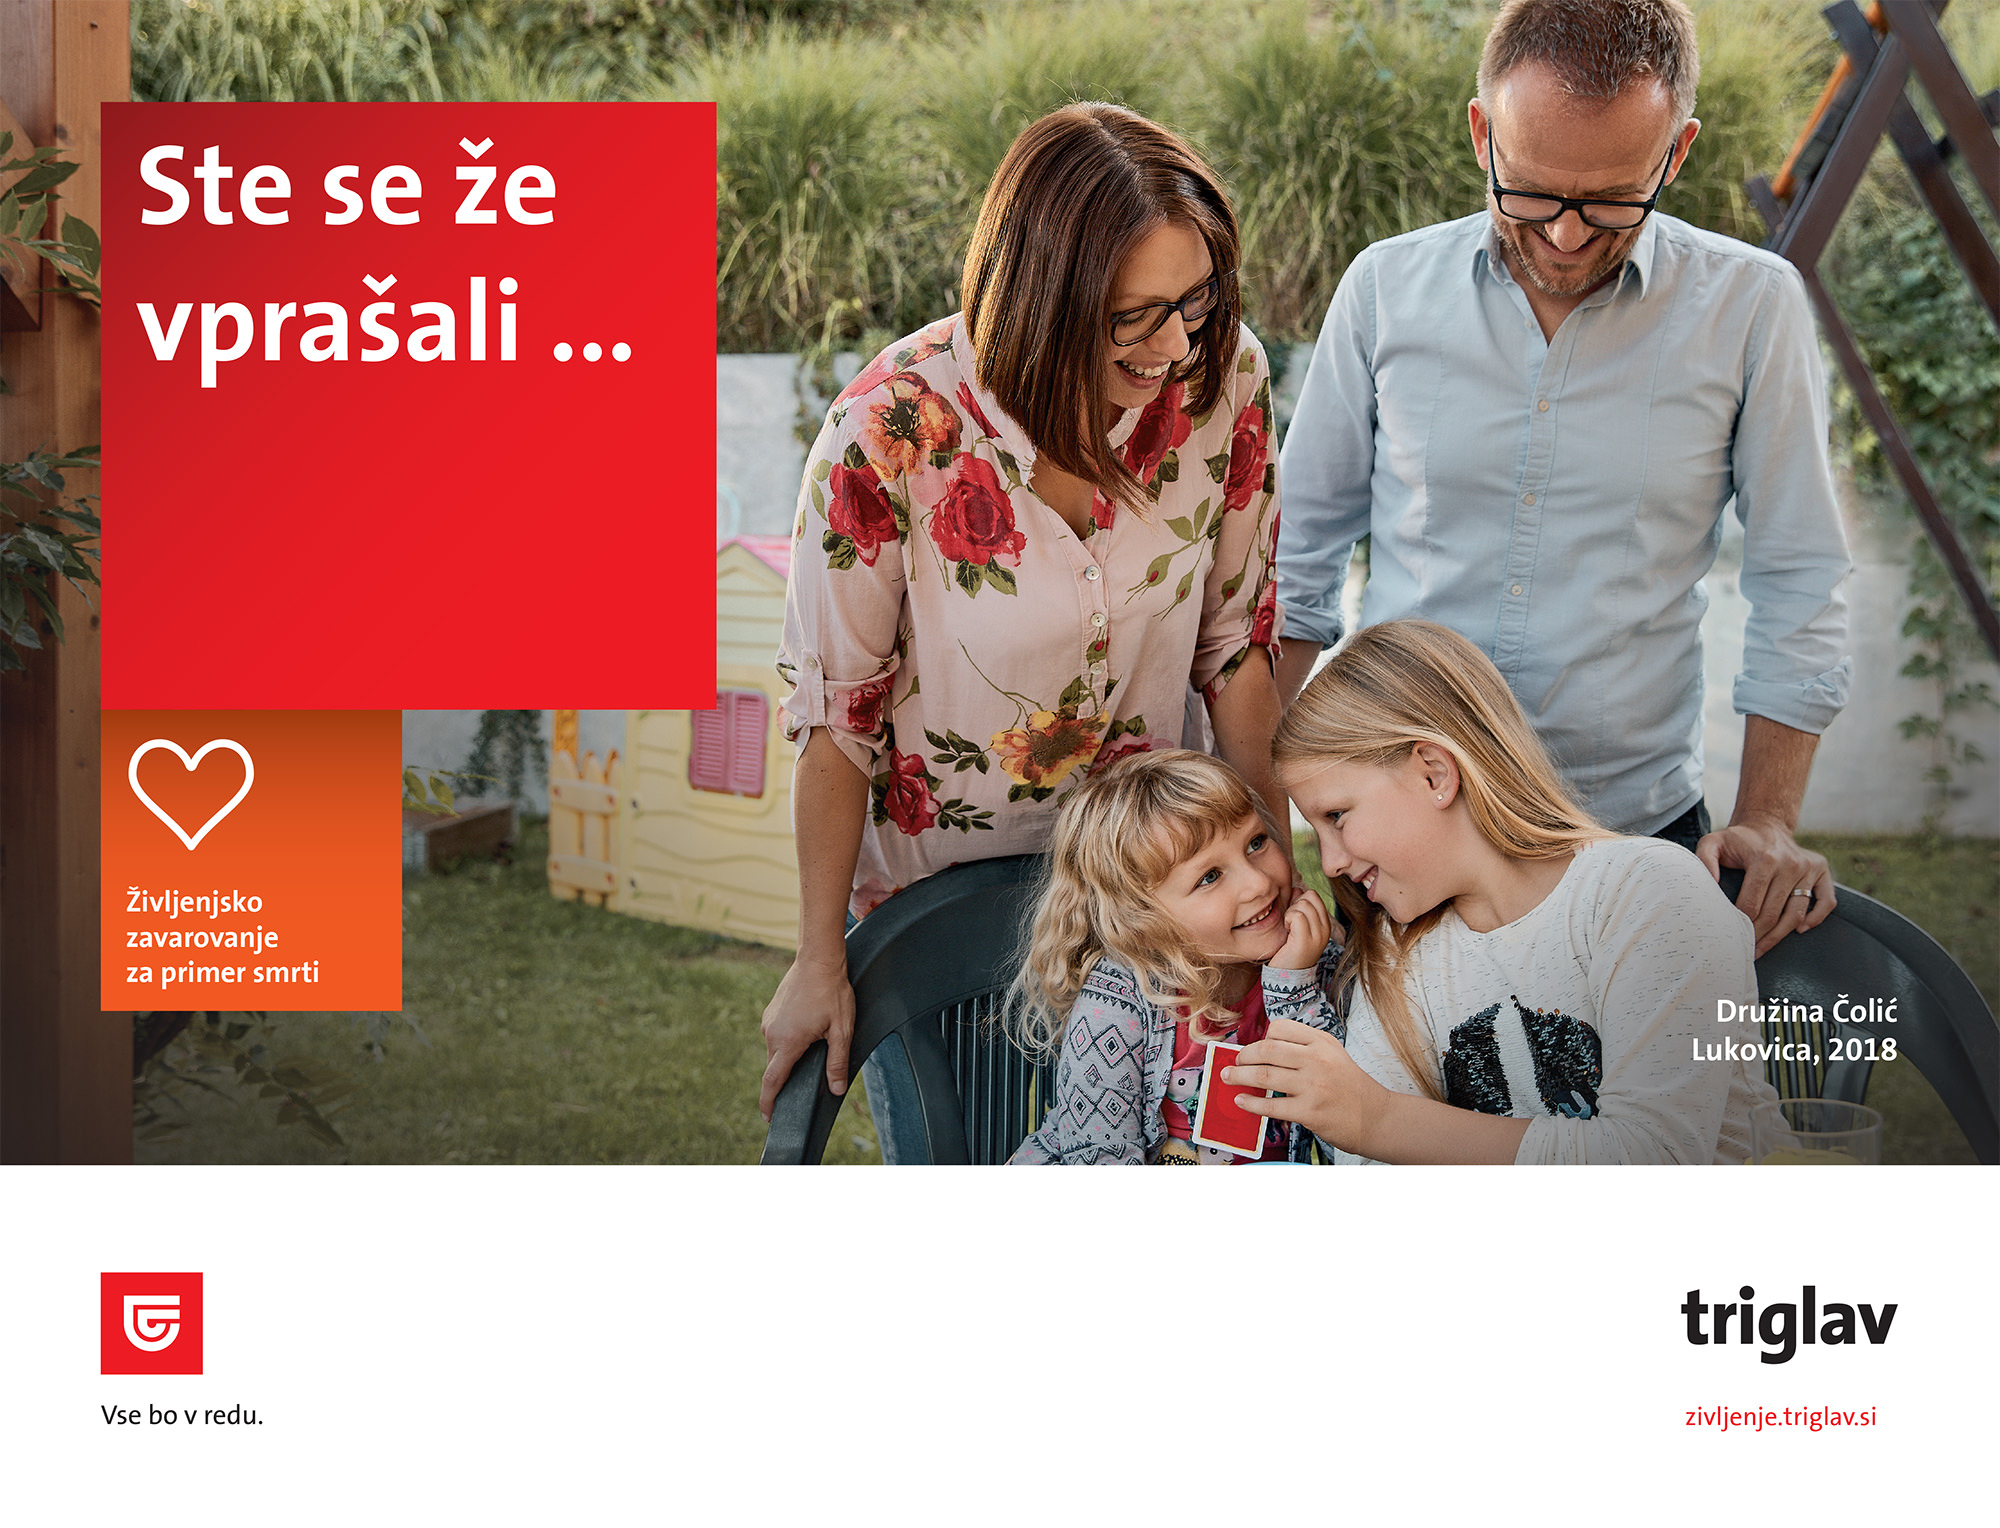 triglav-2019-billboard_zivljenje_druzina-colic.jpg